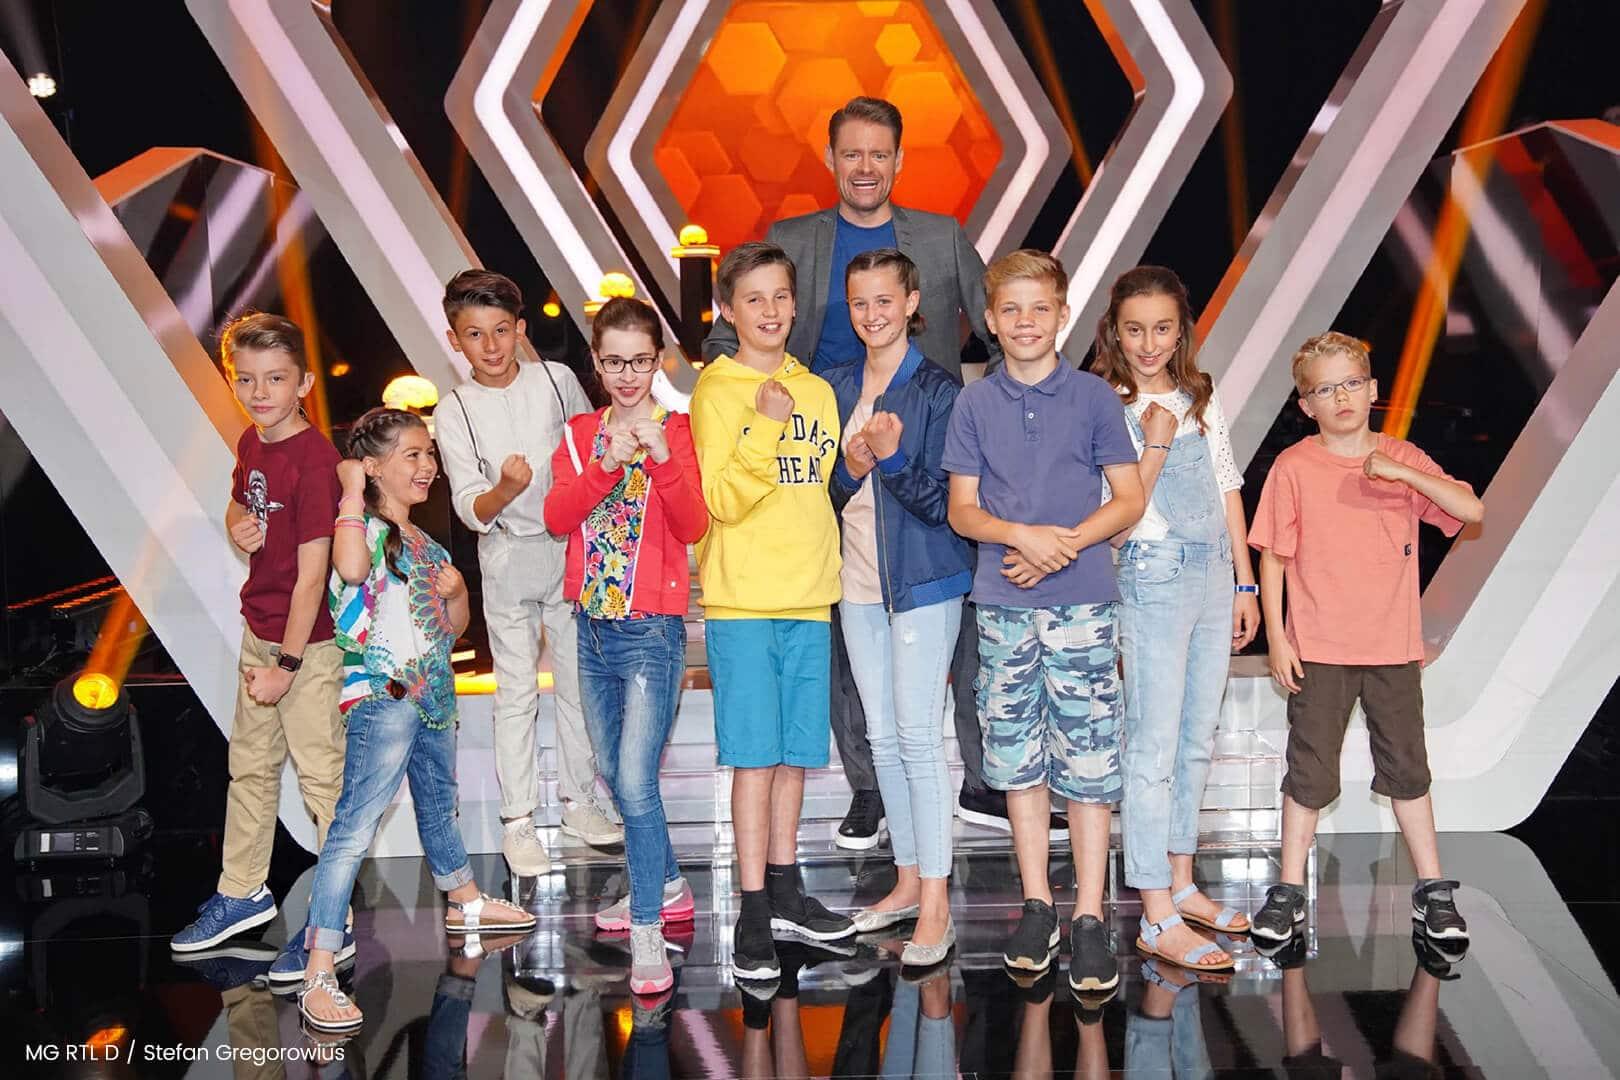 MG RTL D / Stefan Gregorowius